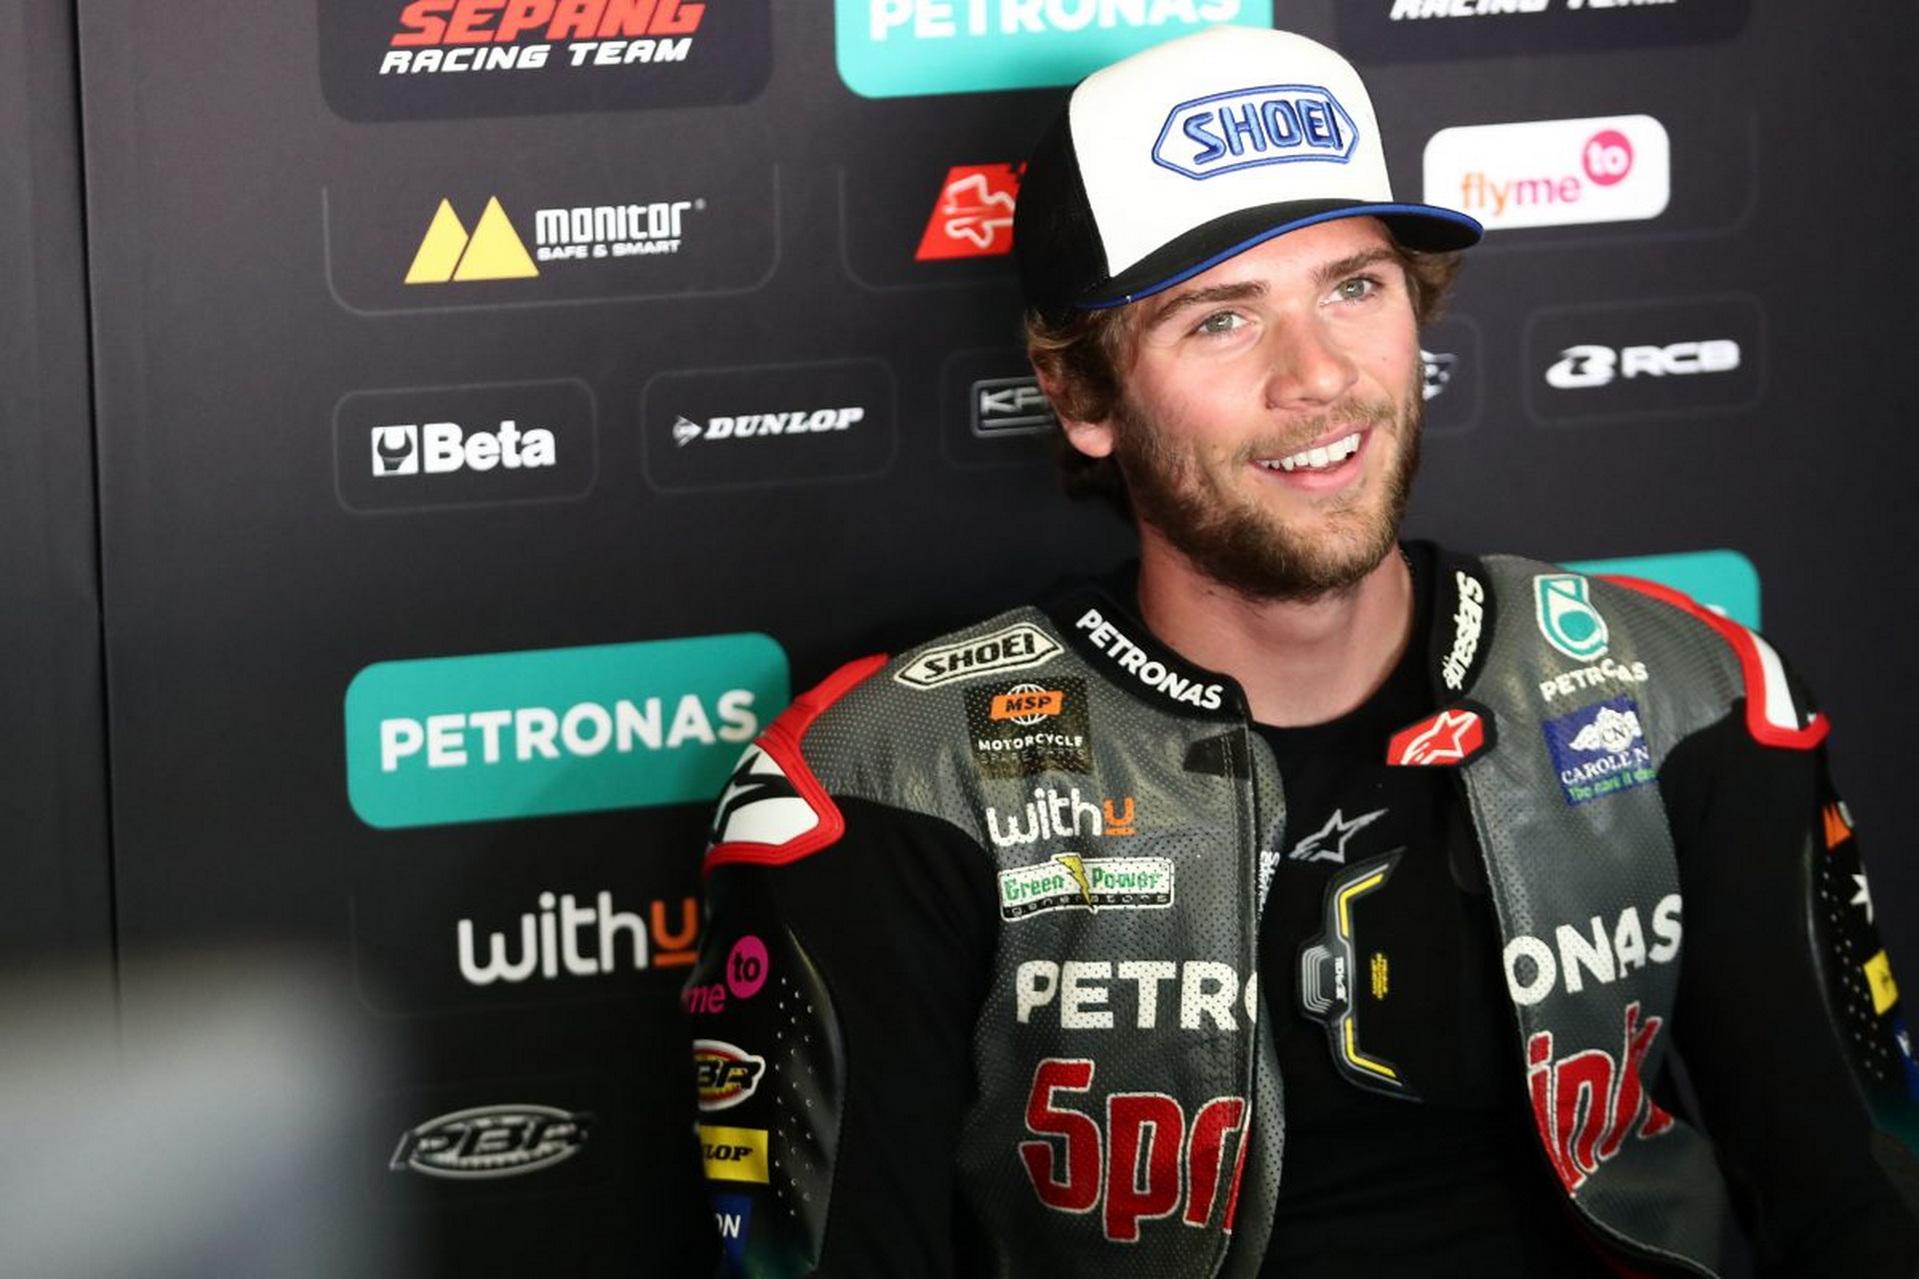 Jake Dixon debutará en la categoría de MotoGP en Silverstone